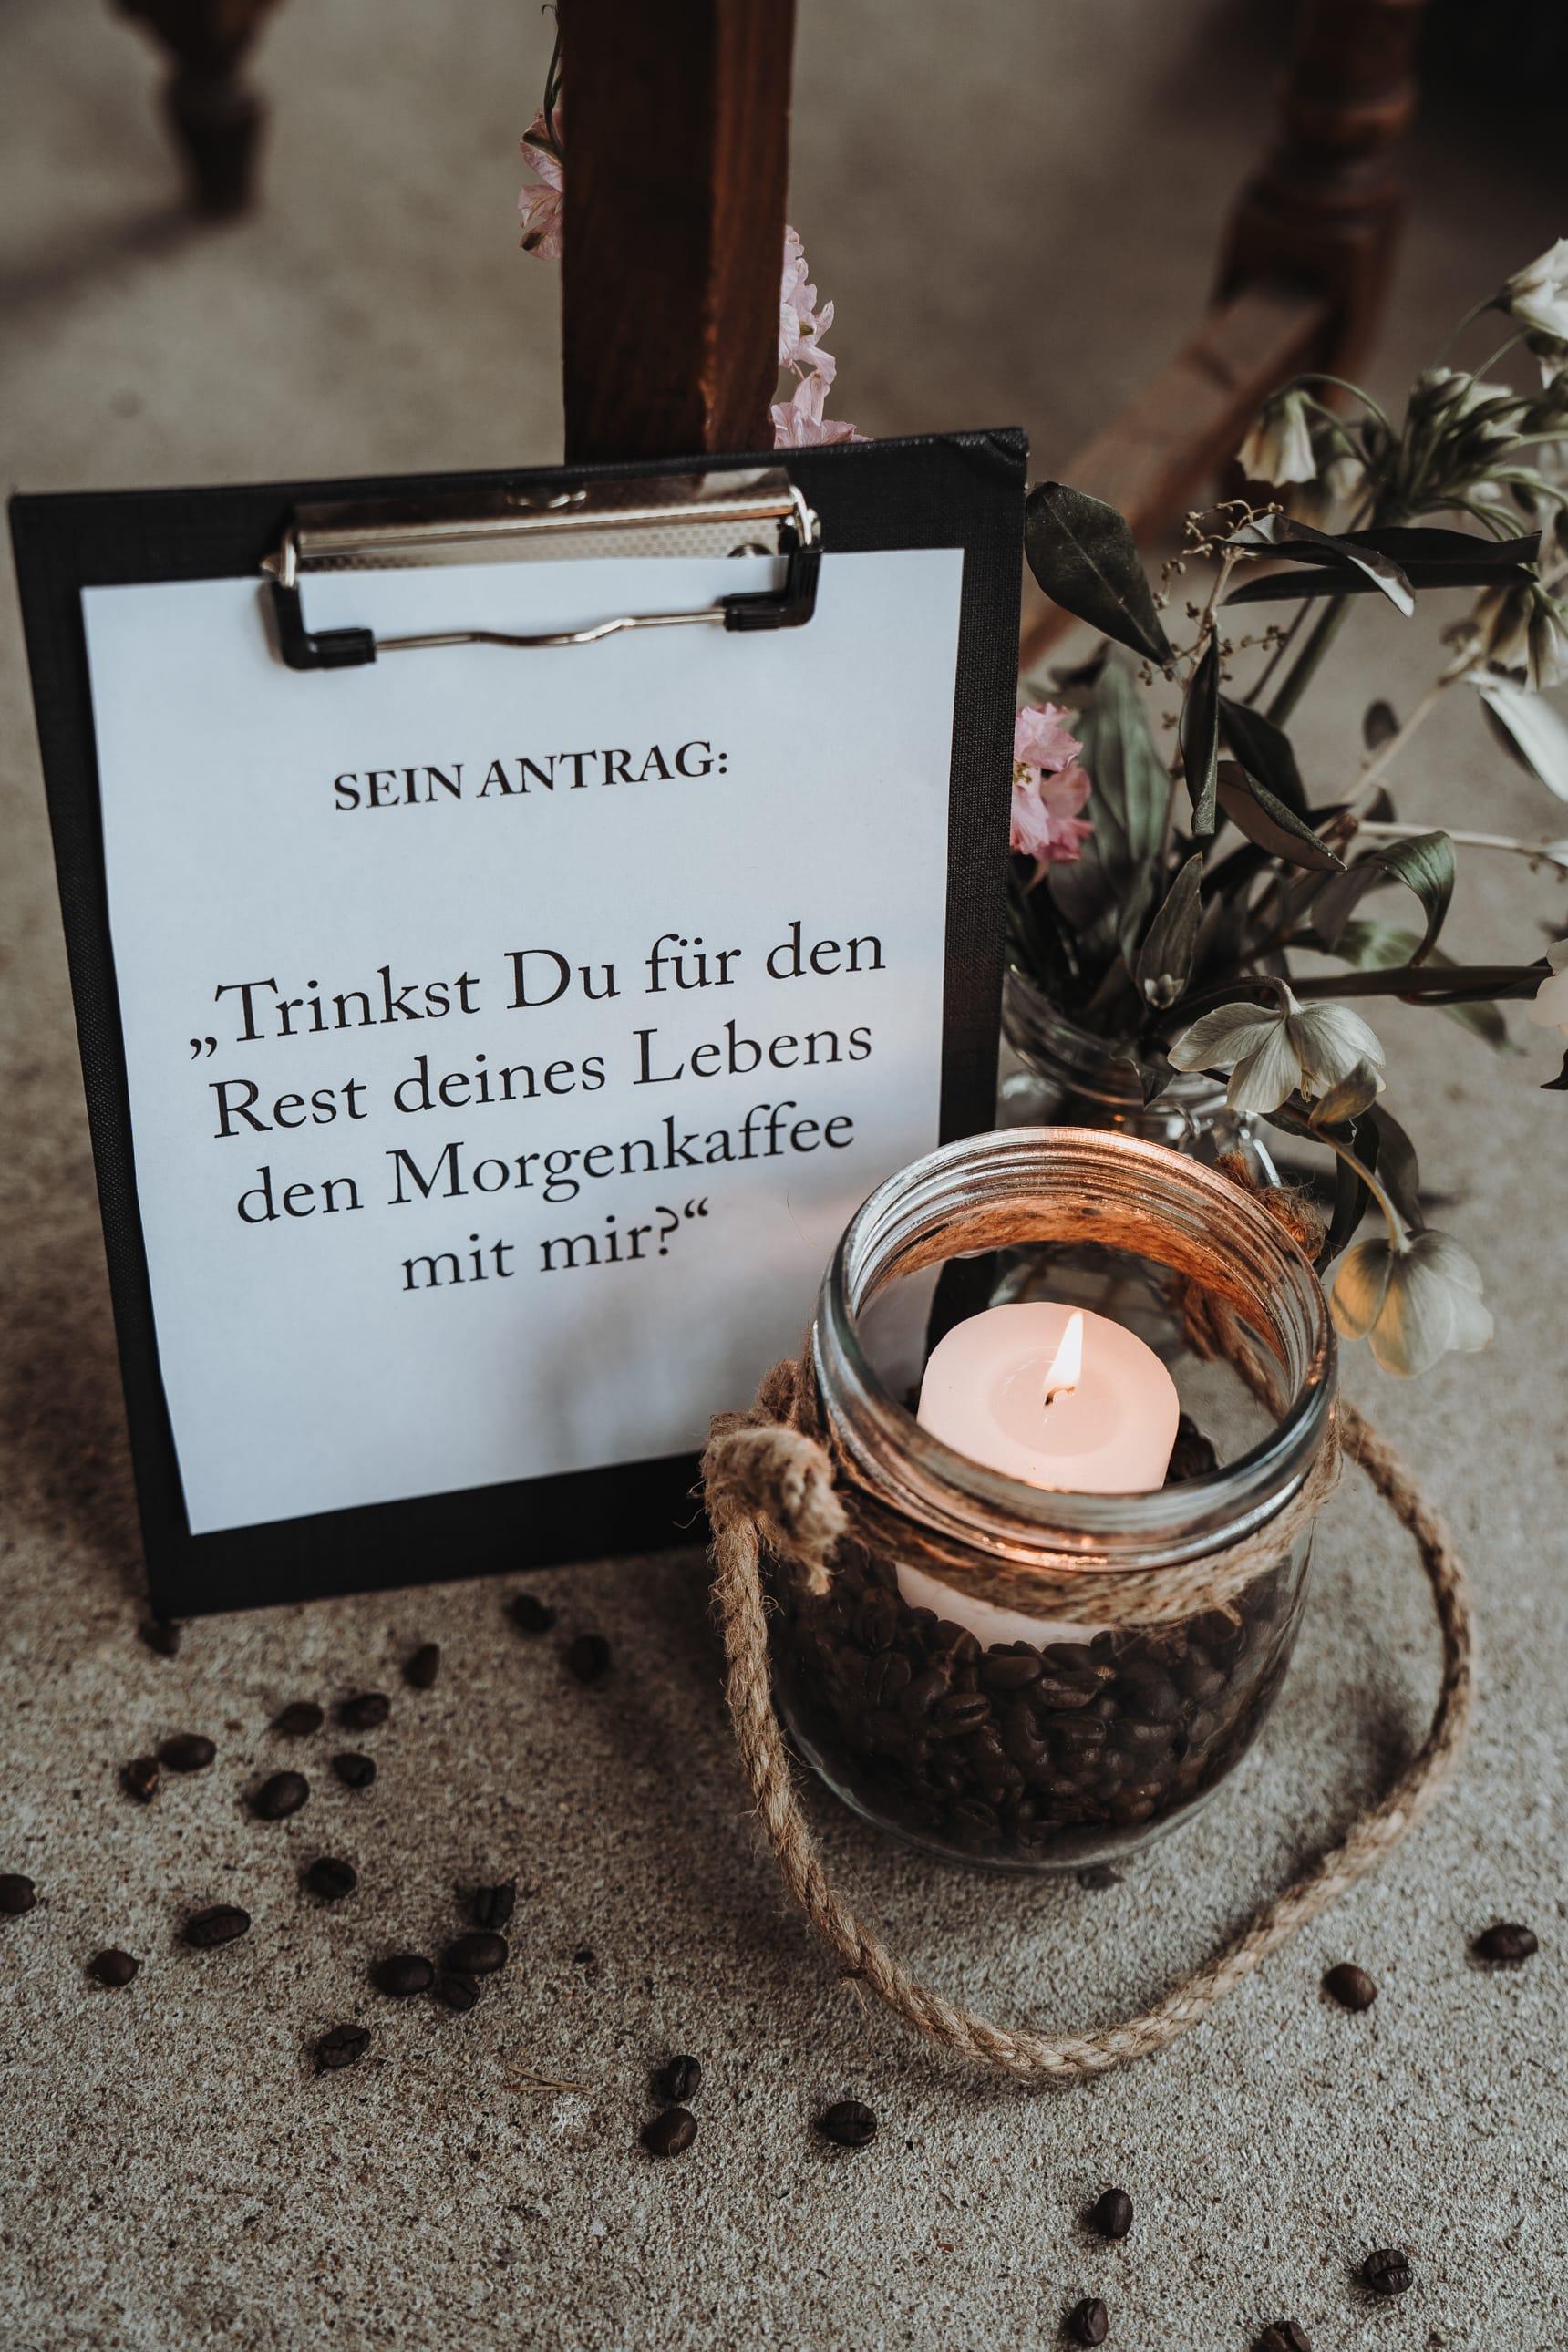 Basteln_mit_Kaffeebohnen_02